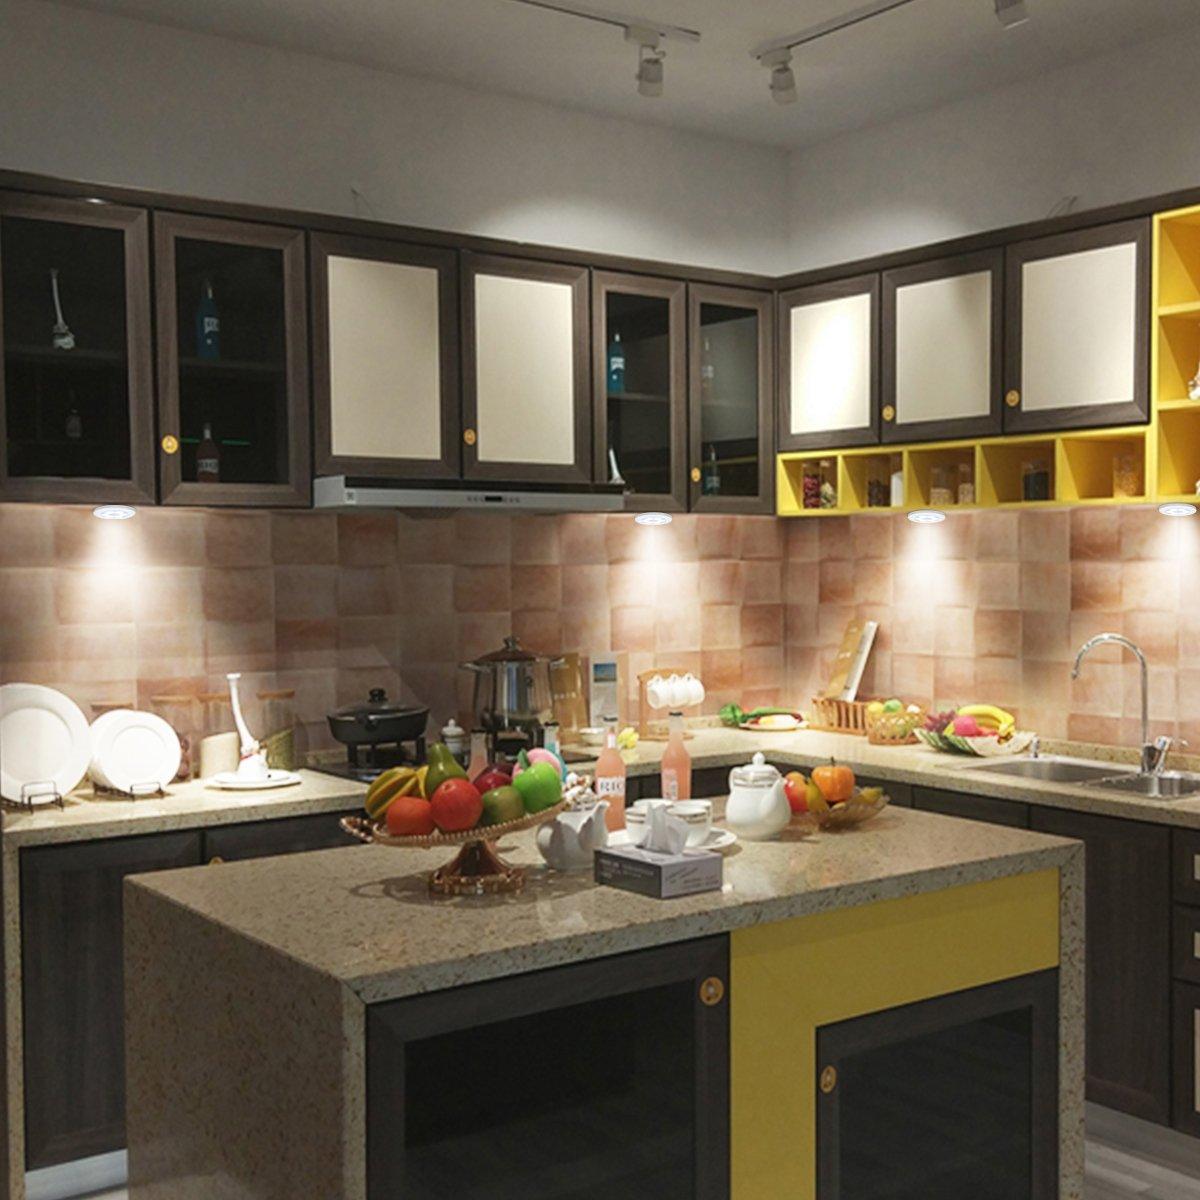 Erfreut Beleuchtung Unter Küchenschränken Drahtlosen Fotos - Küche ...